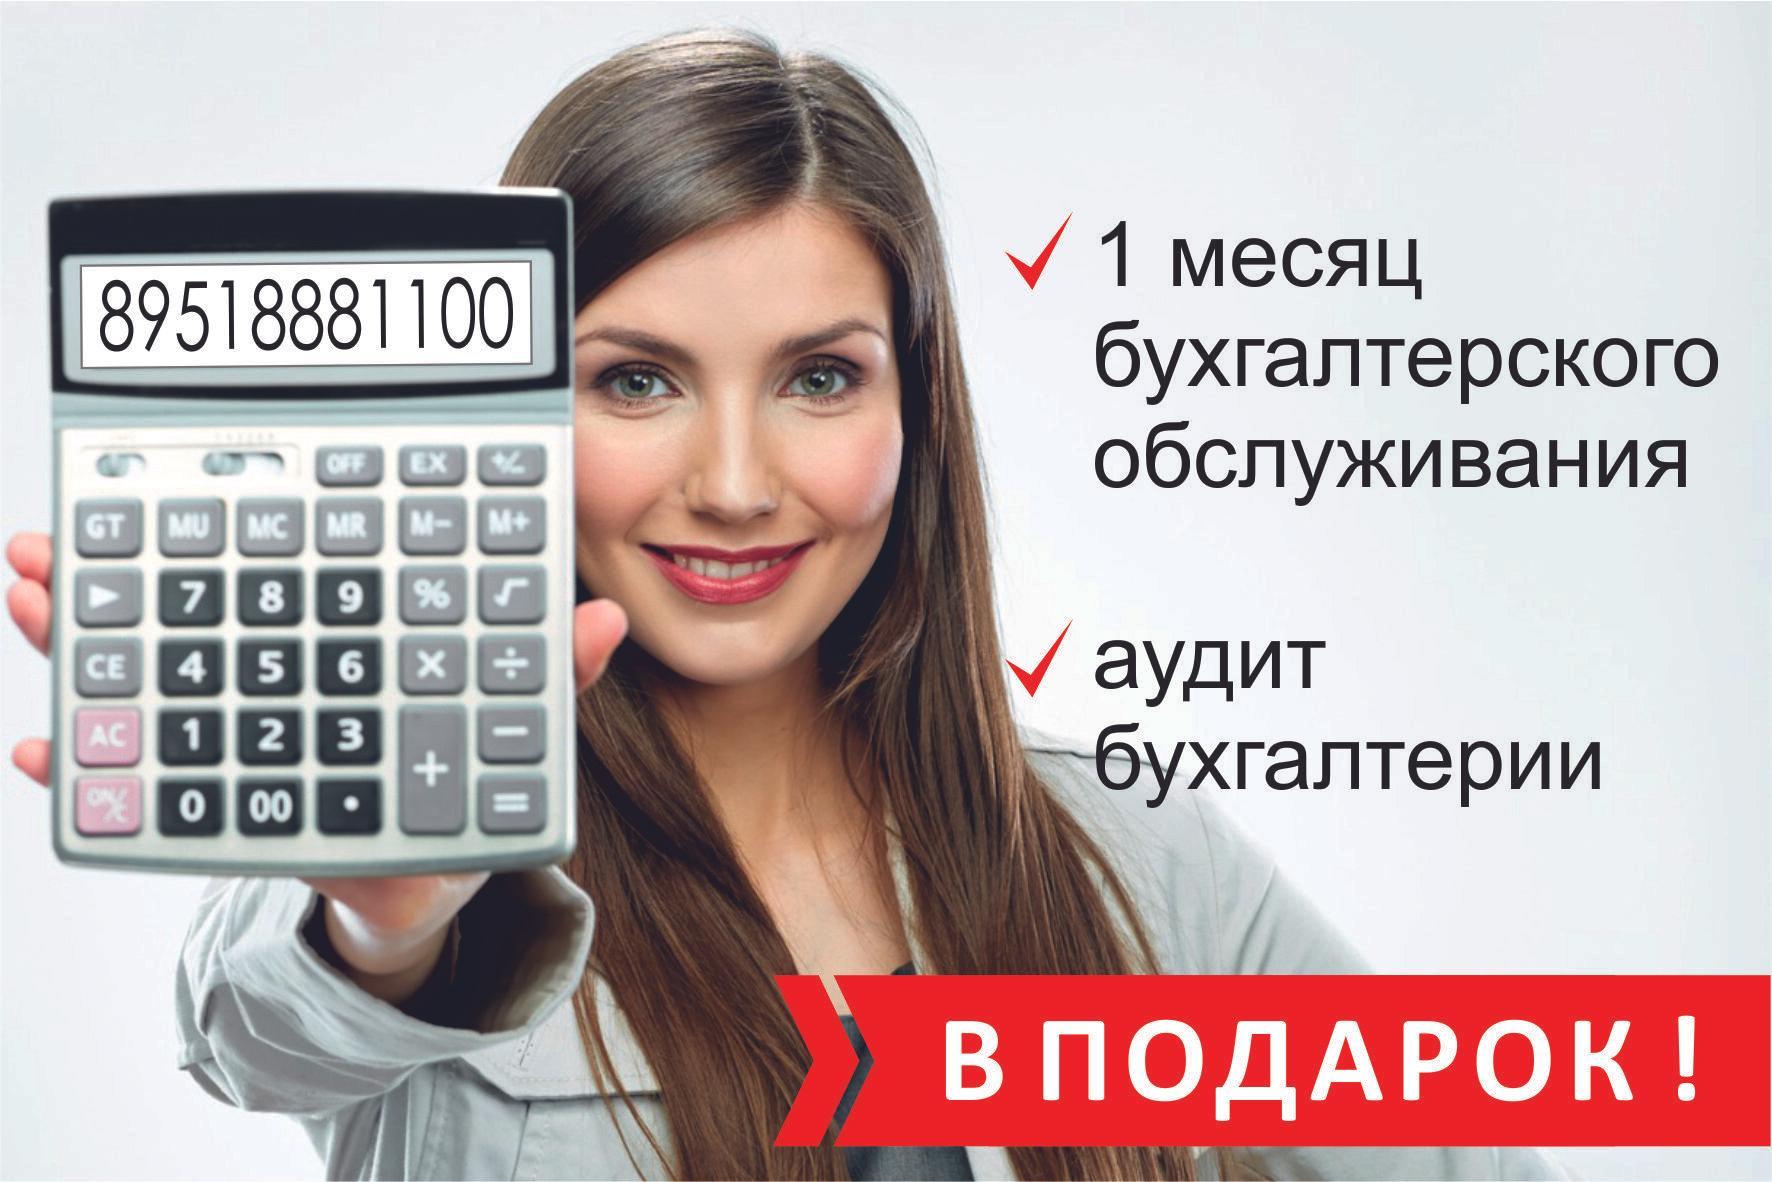 Бухгалтерское сопровождение акции налоговый учет услуги управляющей компании